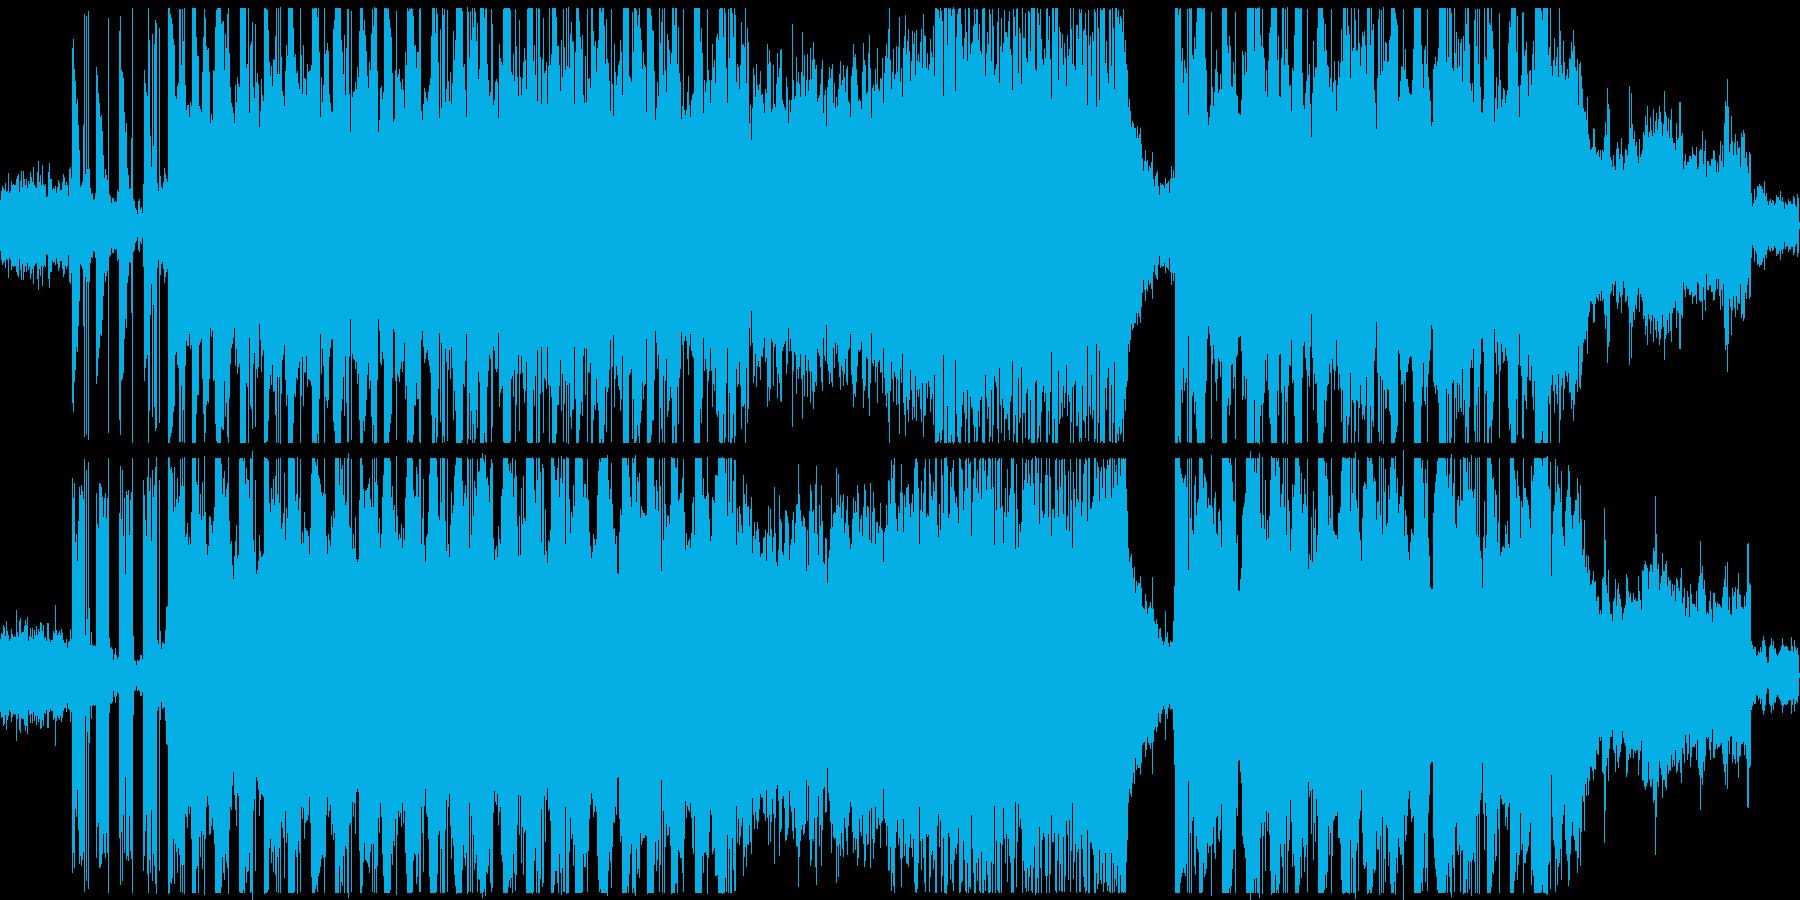 神秘的な雰囲気のシンセリードヒップホップの再生済みの波形